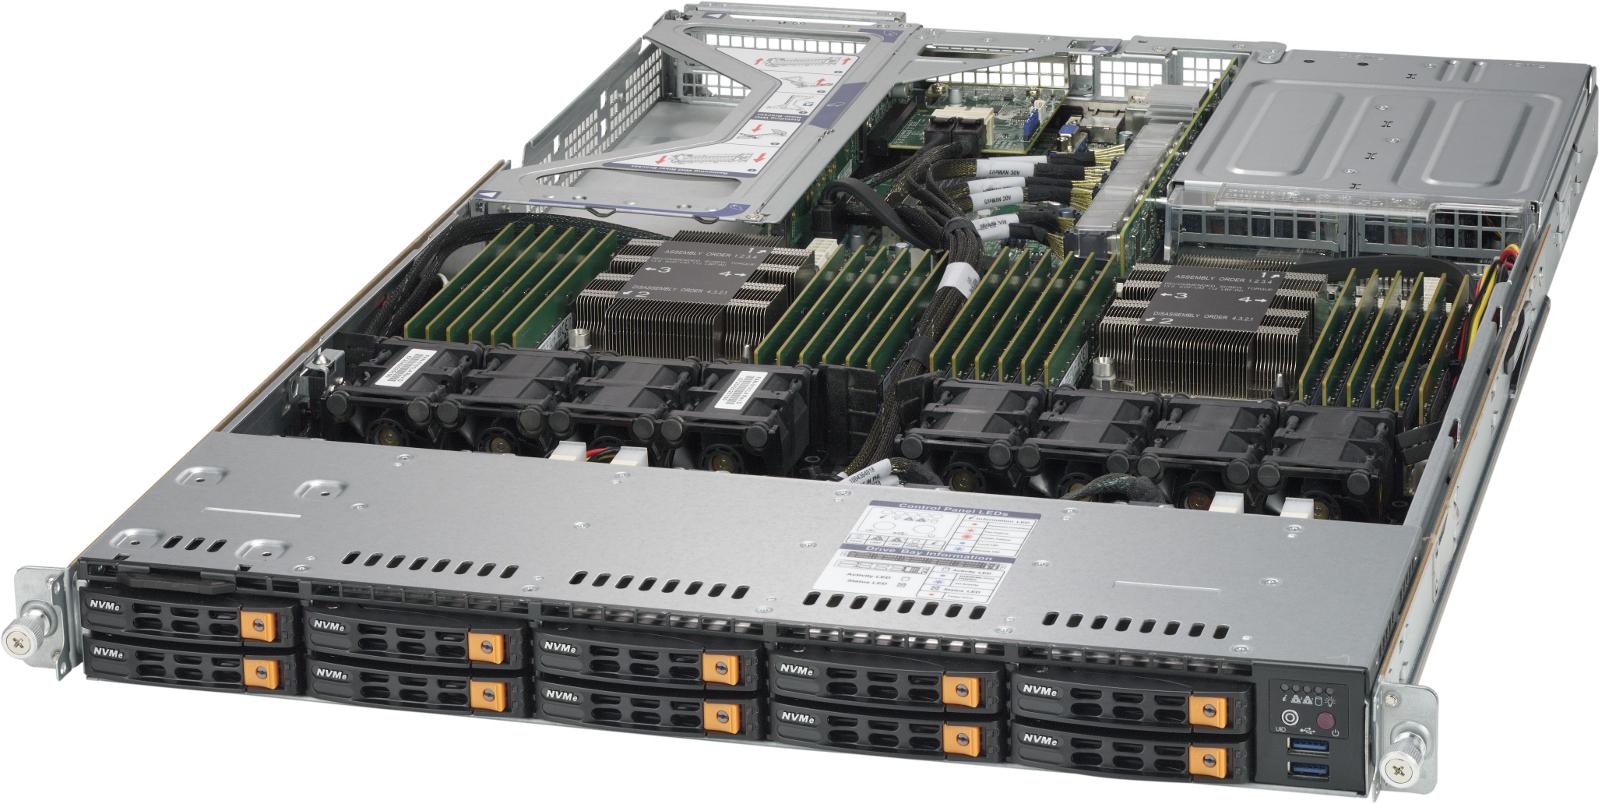 Review: Máy chủ Supermicro SuperServer với bộ nhớ dài hạn Intel Optane DC đầu tiên